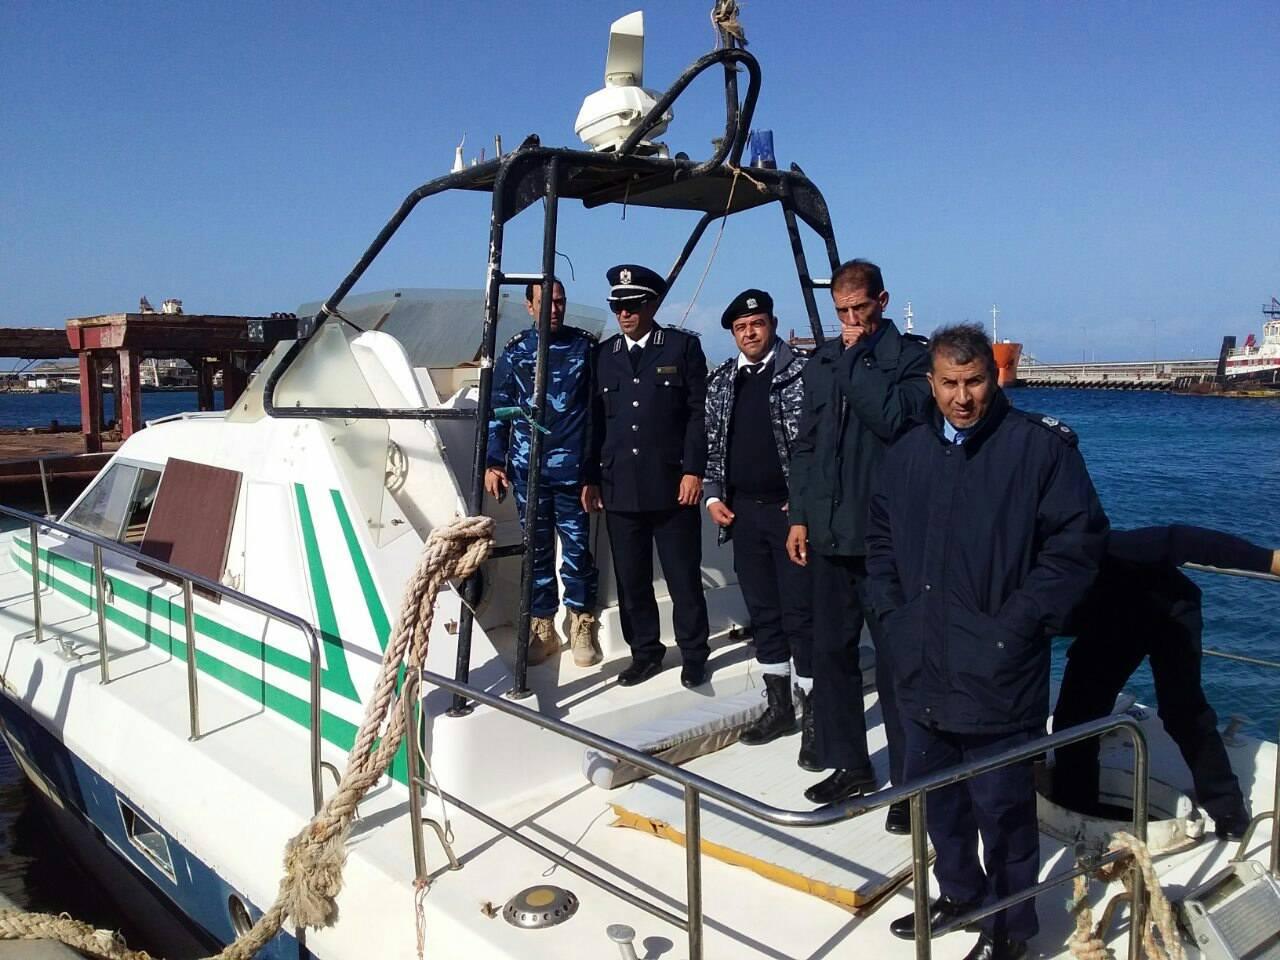 ضمن مبادرة توحيد الجهود الأمنية وبتكليف من باشاغا.. مدير أمن السواحل يتفقد فرع الجبل الأخضر